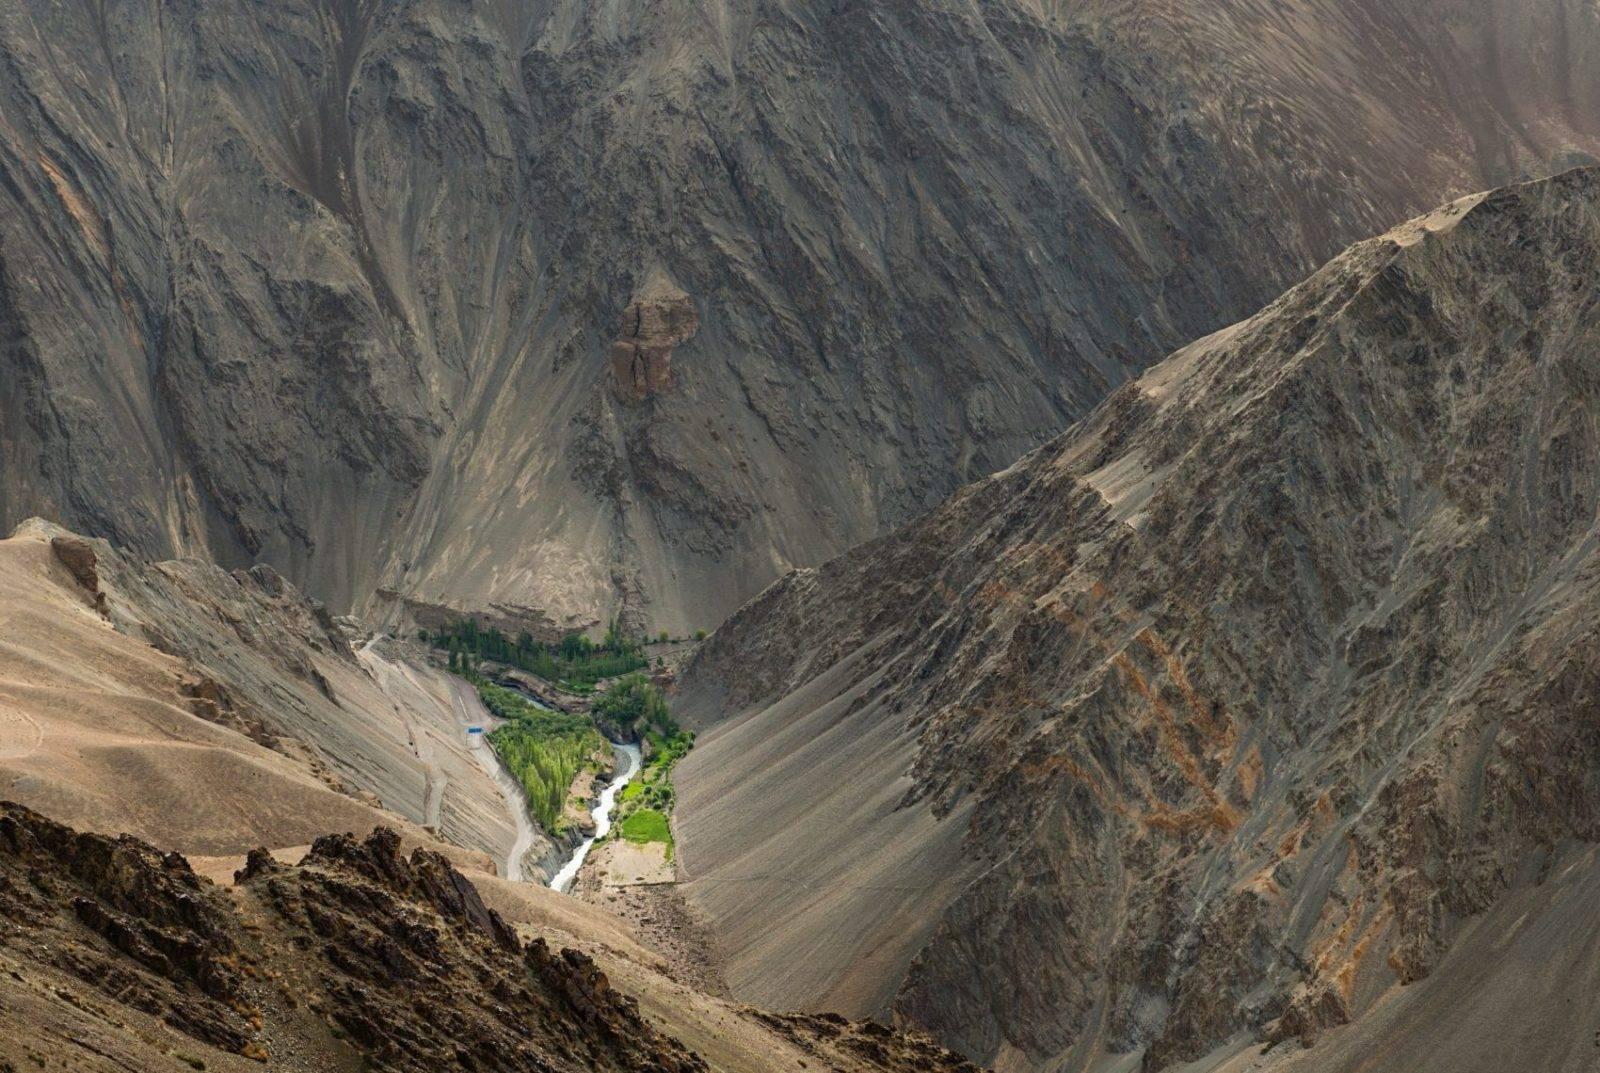 Süleyman Sönmez - Güneşin Tam İçinde buzkulesi10-e1497949846380 Tibet Çölünde Buz Kuleleri | Susuzlukla Mücadele | Ice Stupa Bilim ve Teknoloji Günlük Yaşam Maker / Mucit  Tibet susuzluk Su Elde Etmek Stupa Sonam Wangchuk Rolex Awards kuraklık küresel ısınma Buz Kuleleri Baraj Çöl 3 idiots